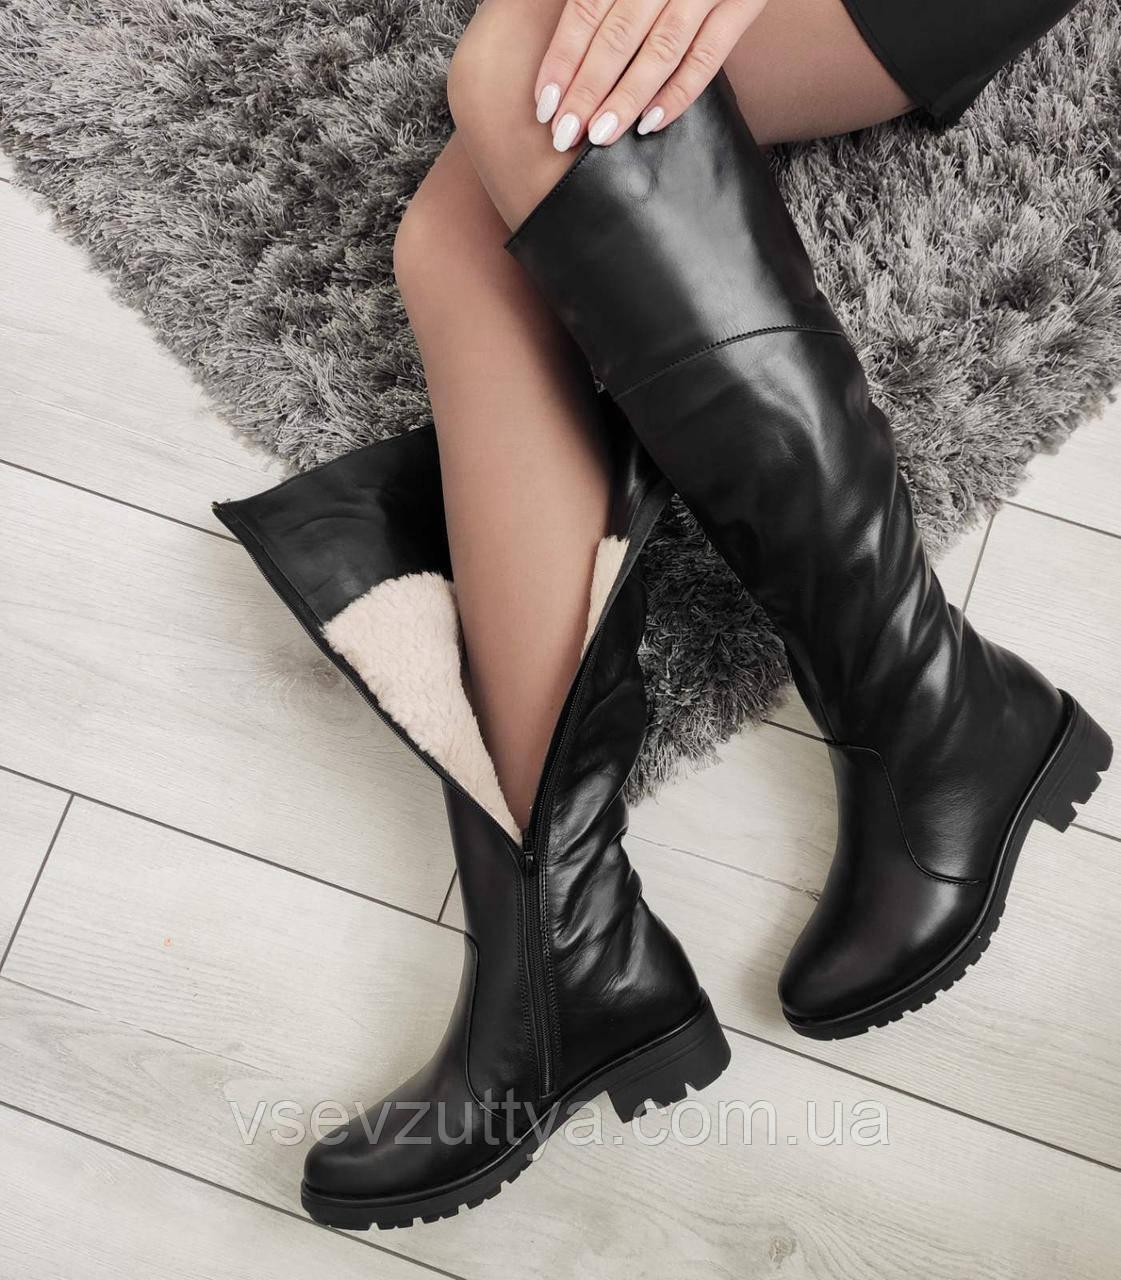 Сапоги женские зимние кожаные черные 36р